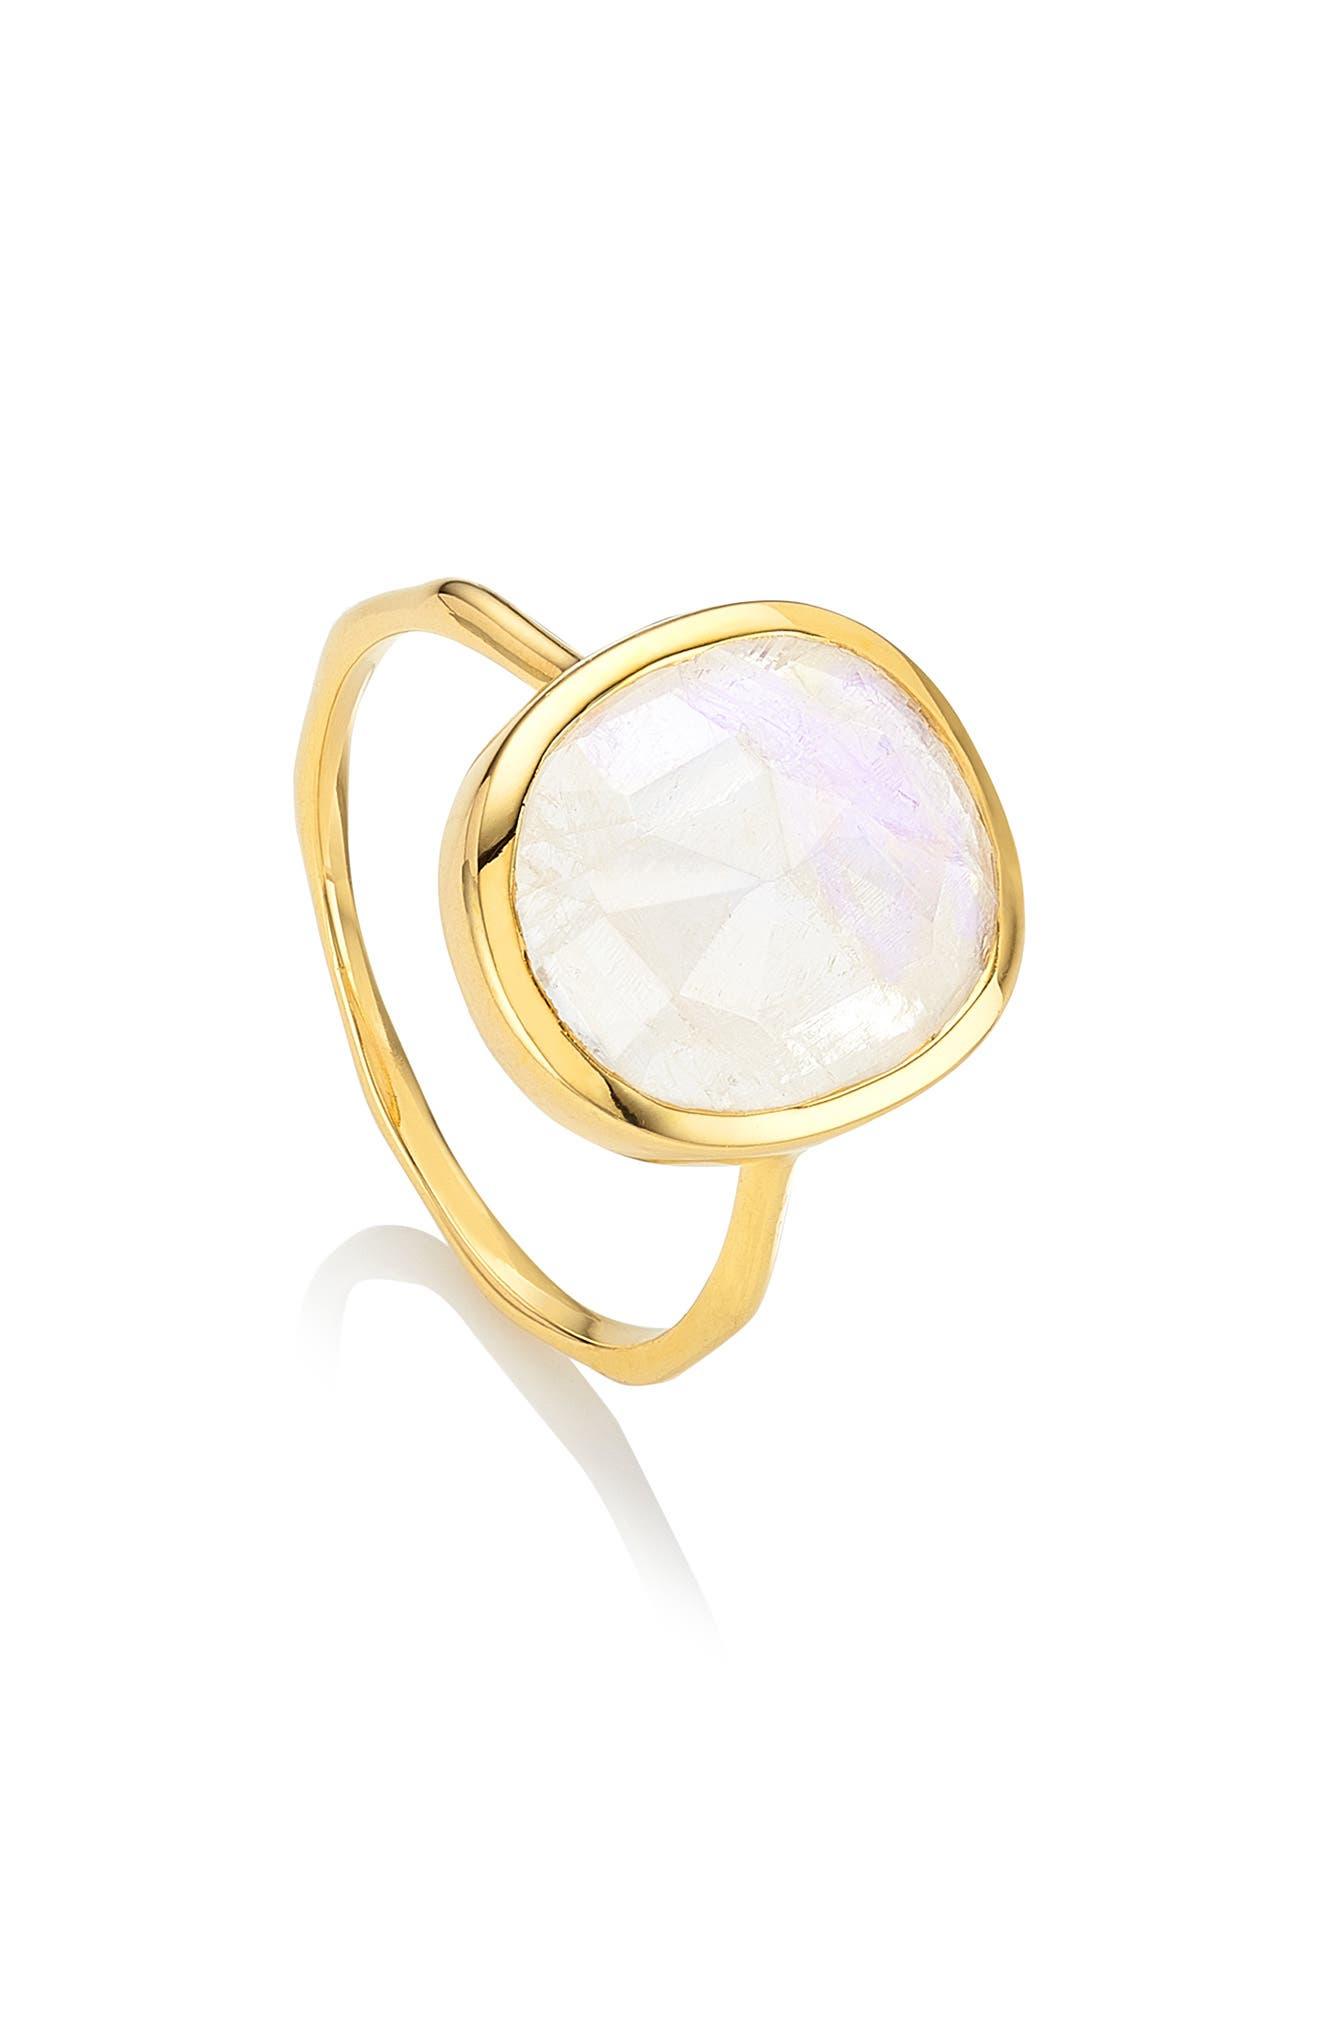 MONICA VINADER, Siren Semiprecious Stone Ring, Main thumbnail 1, color, GOLD/ MOONSTONE